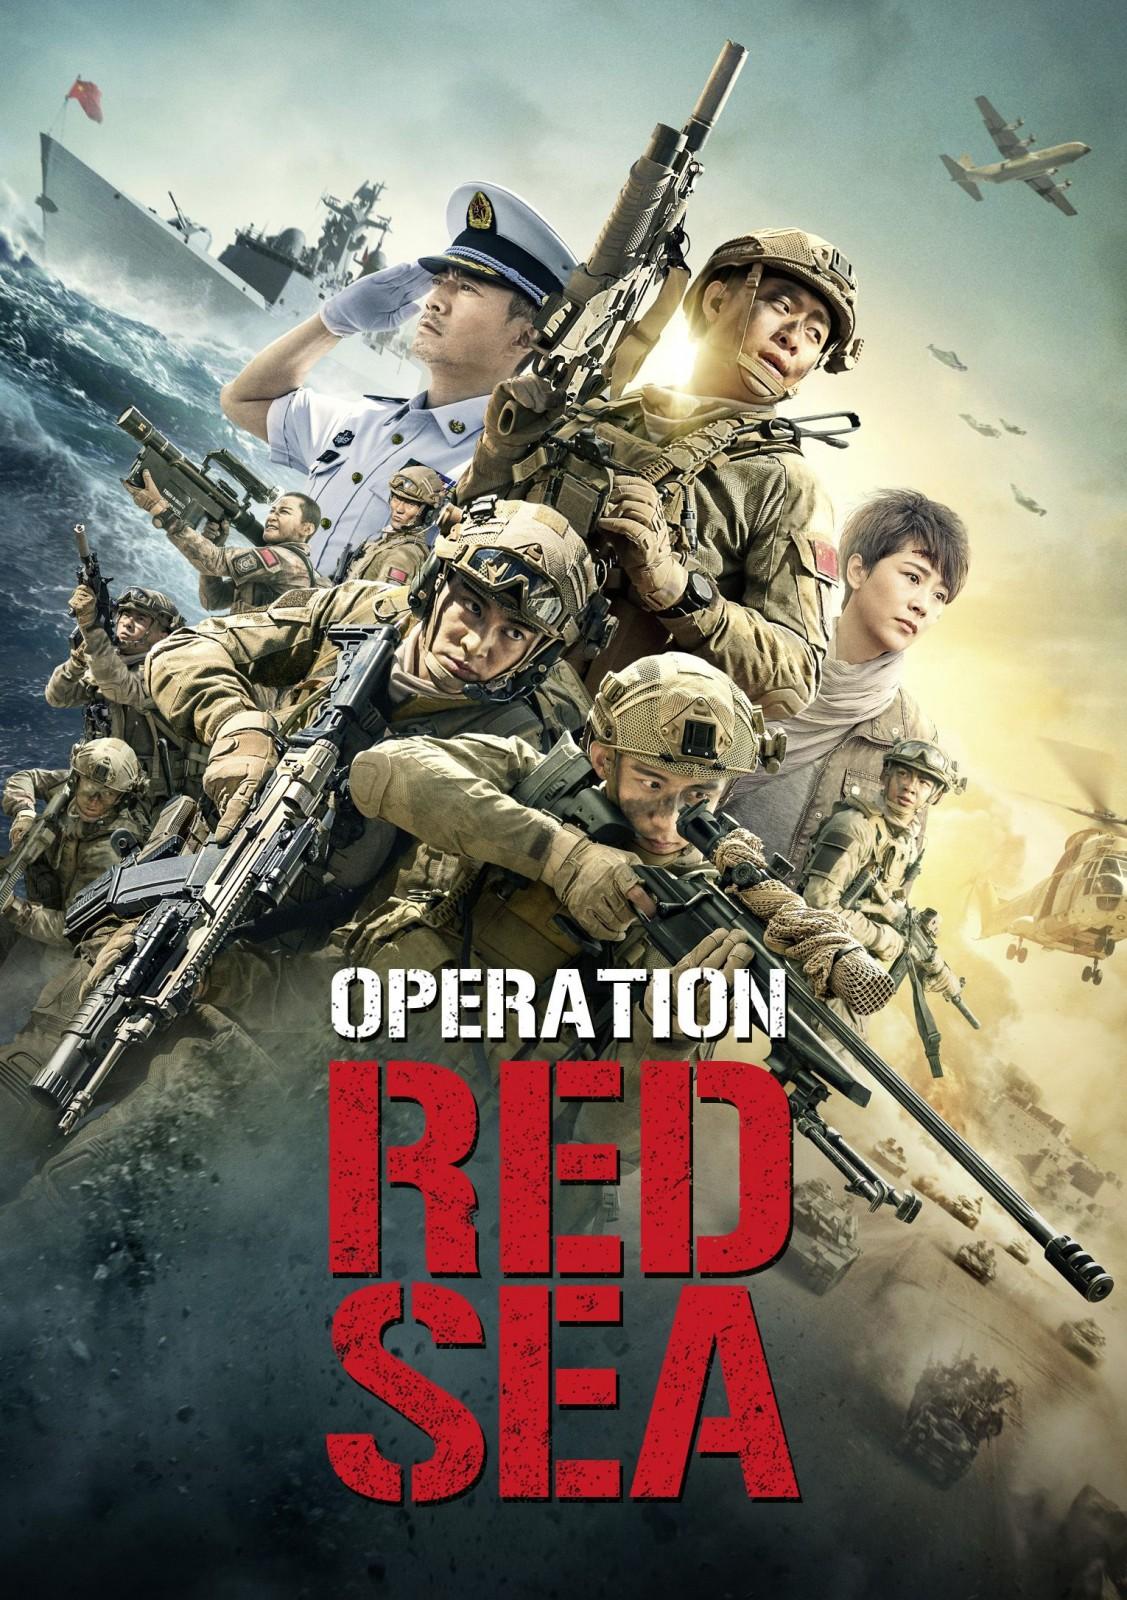 Chinesische Kriegsfilme